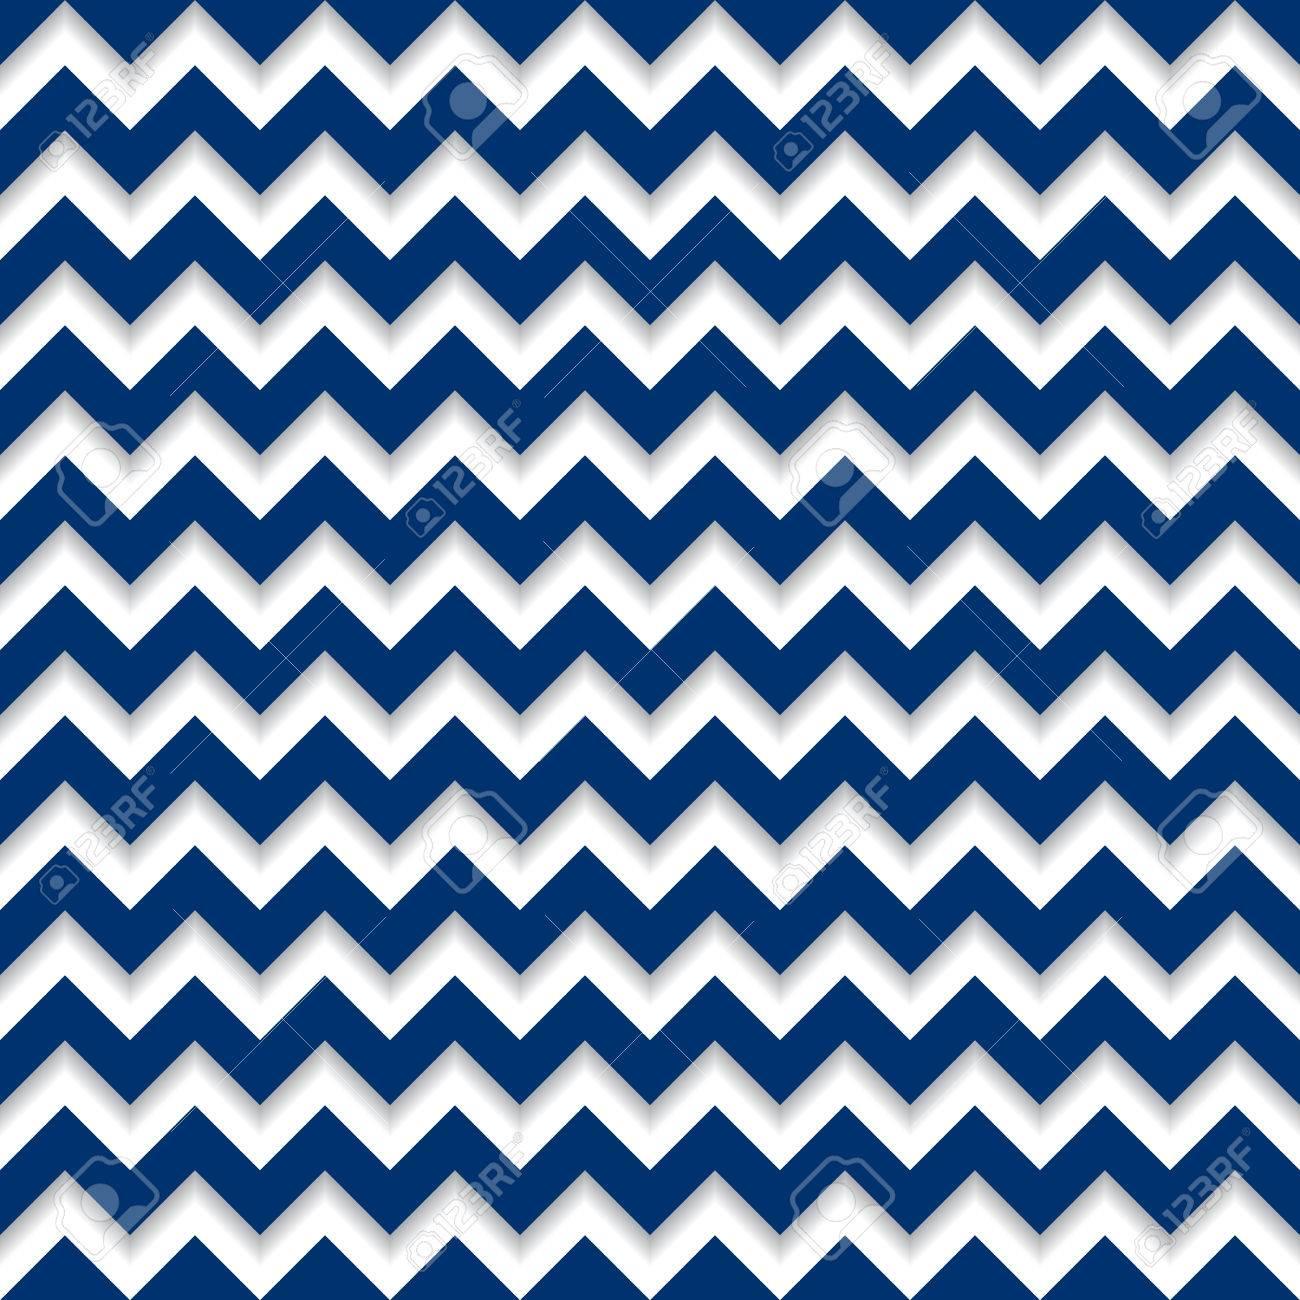 Vettoriale Onde Di Ombra Geometriche Astratte Blu Navy Sfondo